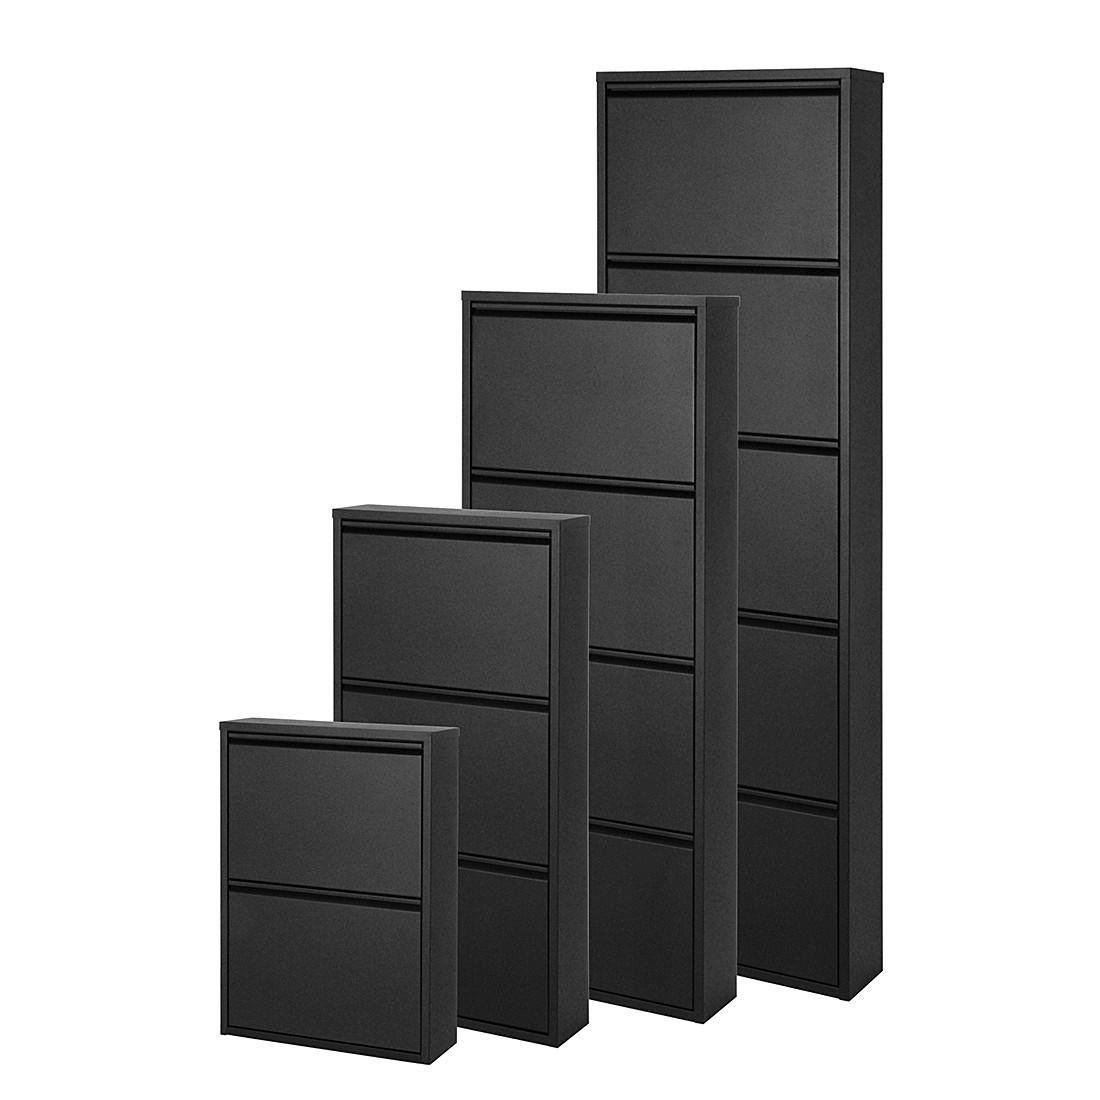 4e291a4431d913 Schuhschrank Cabinet - Metall Schwarz - 5 Klappen